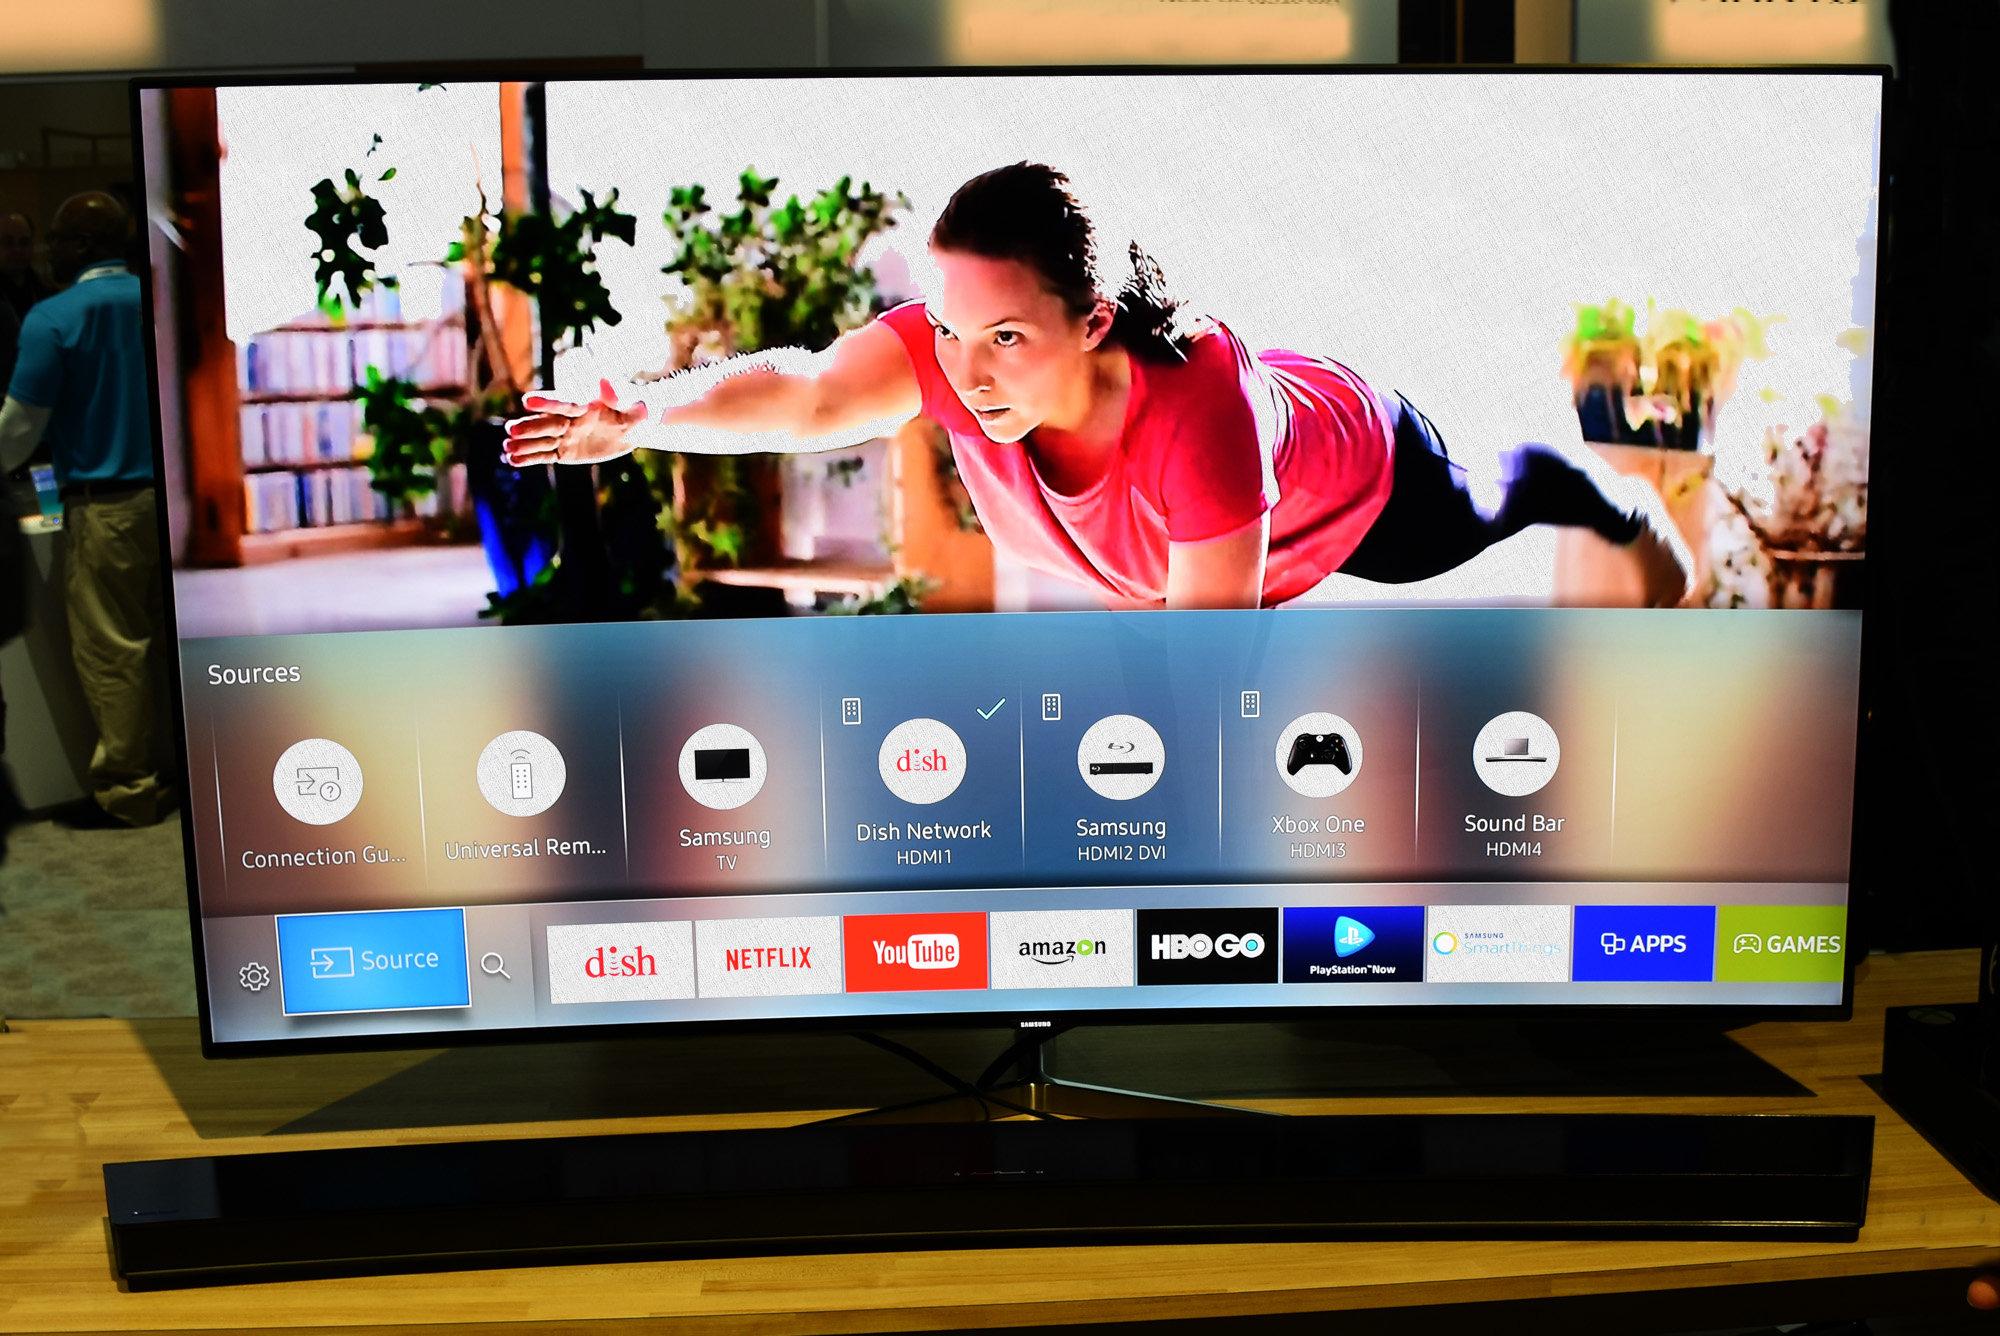 смарт тв в телевизоре самсунг с ОС tizen